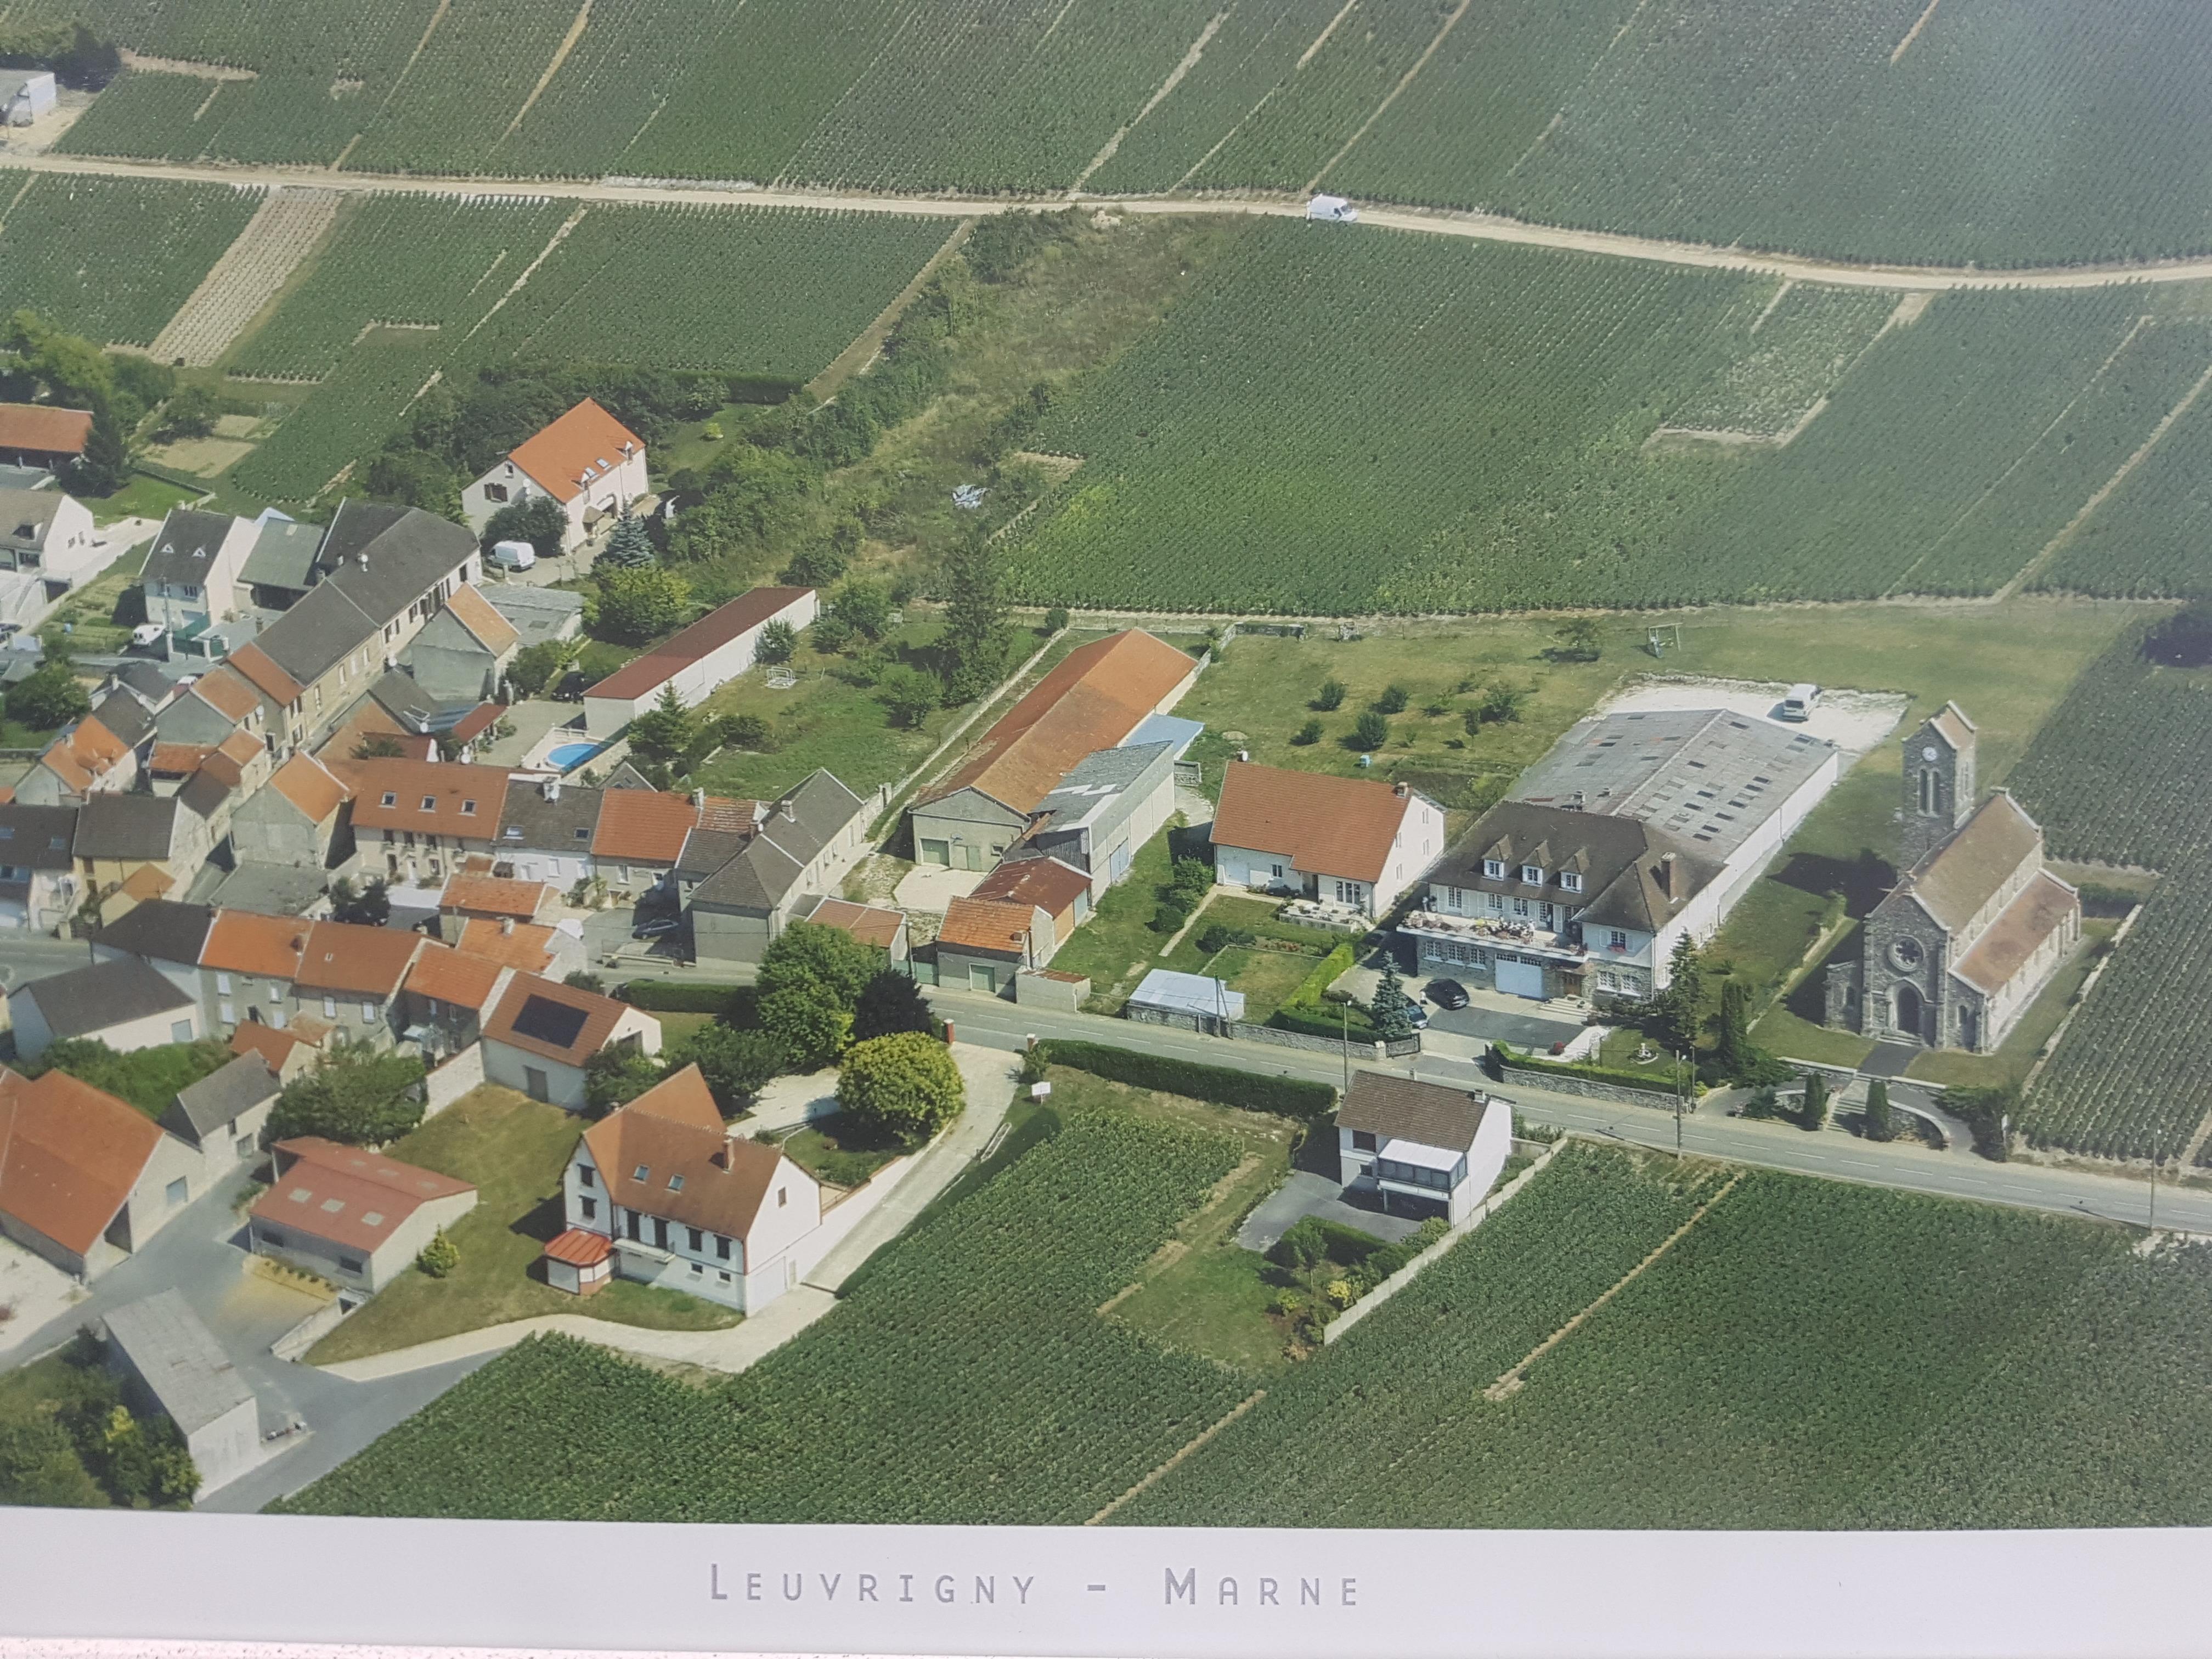 Francis Orban champagne šampanas tikras putojantis slėnis pėdomis kaimelis tradicija prancūzija